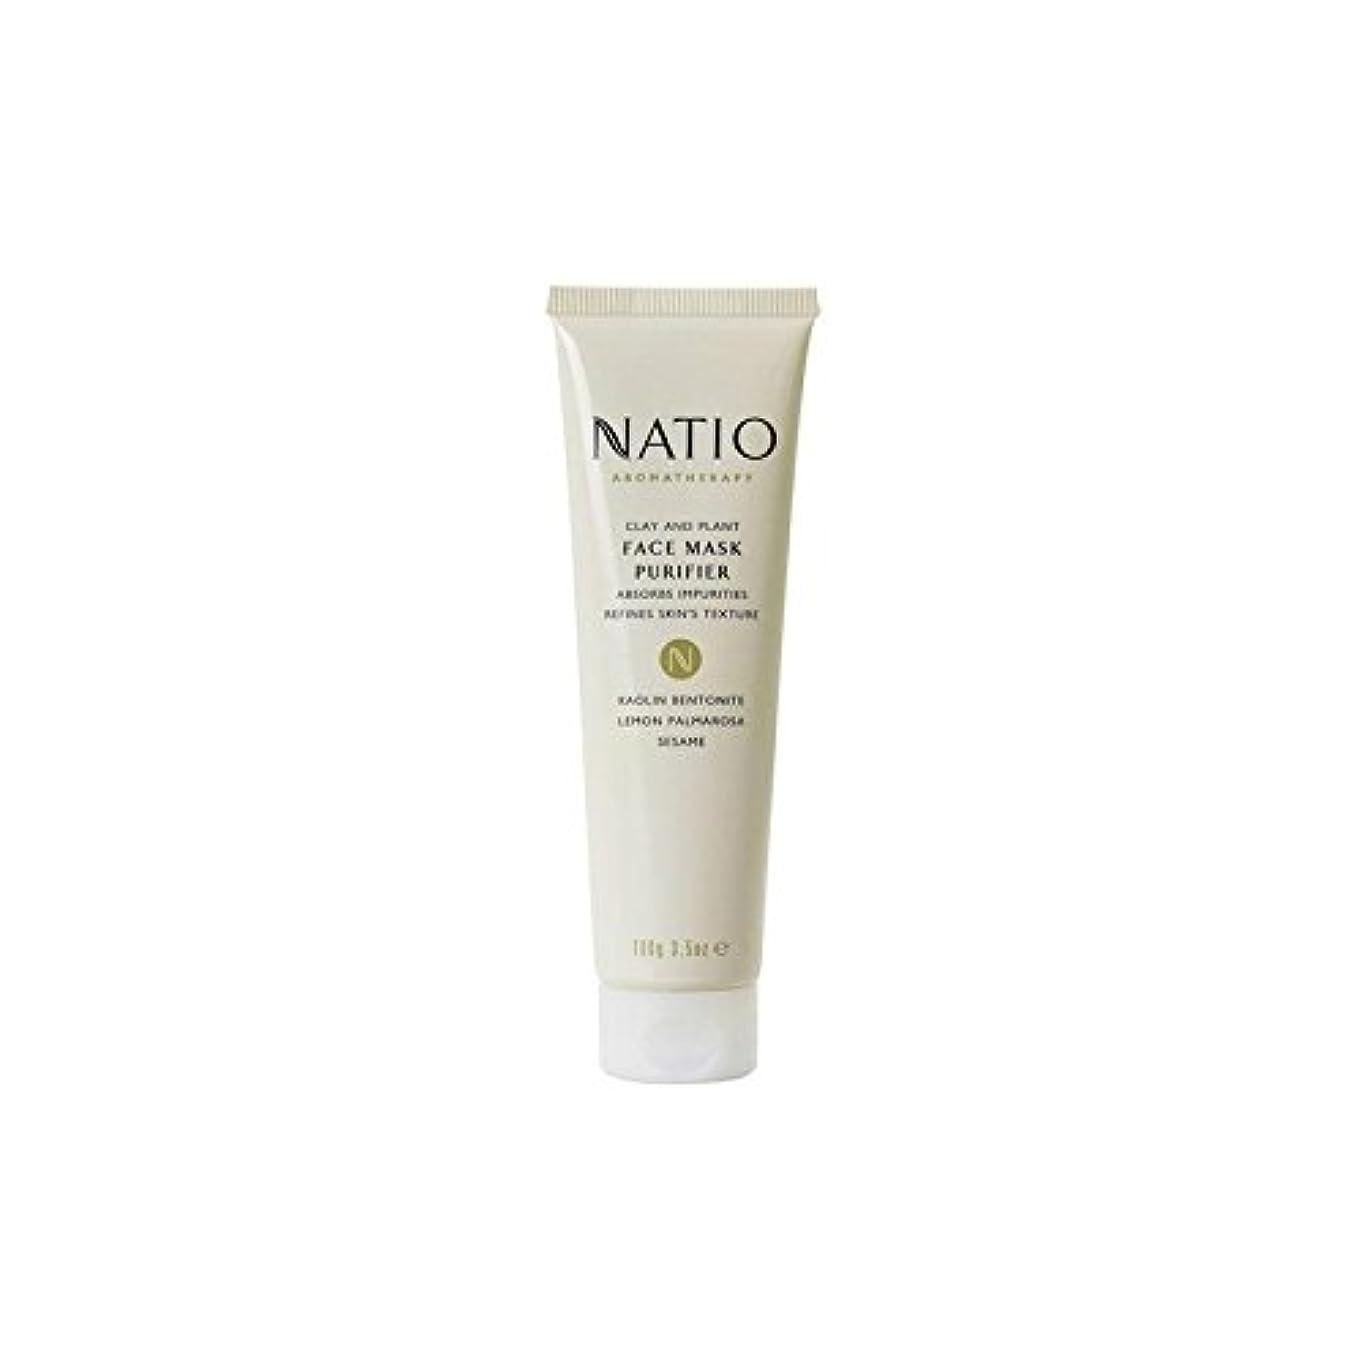 テンション鳥入口Natio Clay & Plant Face Mask Purifier (100G) (Pack of 6) - 粘土&植物フェイスマスクの浄化(100グラム) x6 [並行輸入品]